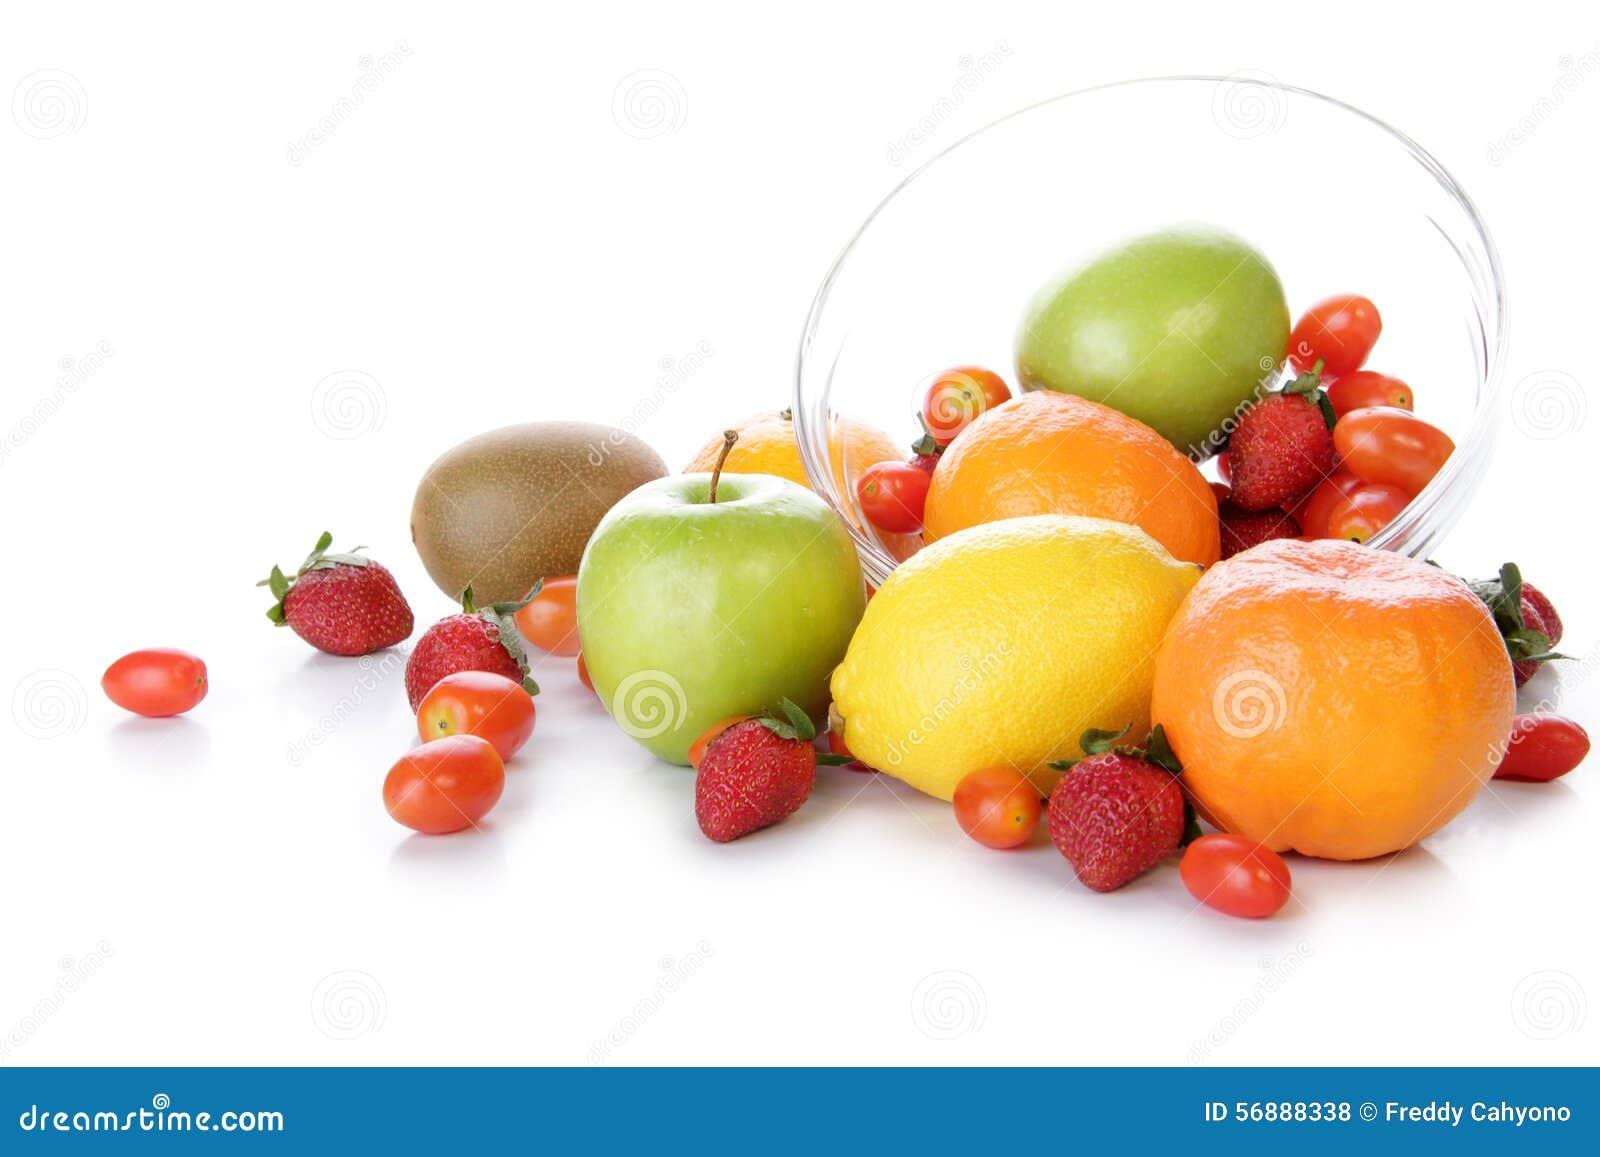 Frutta fresca in una ciotola